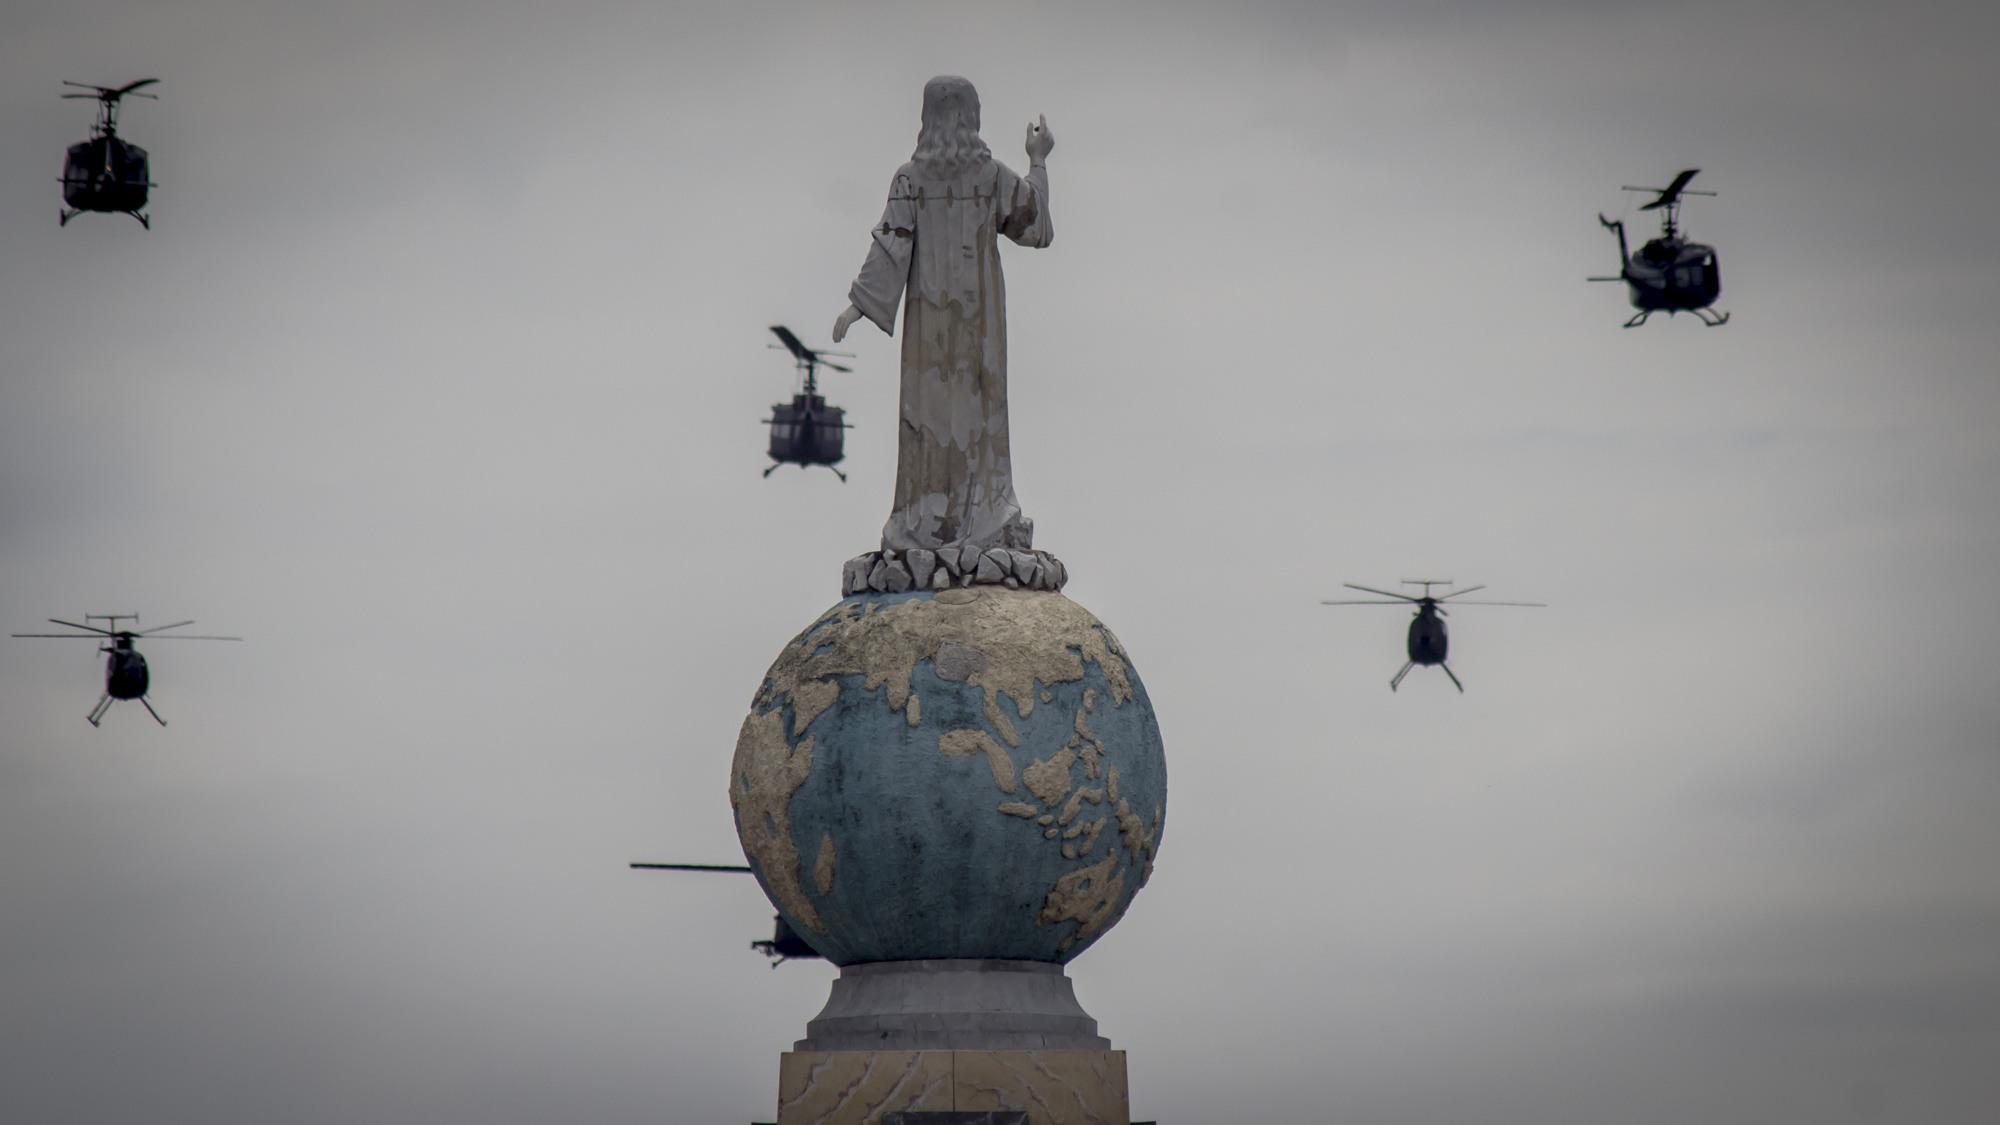 El monumento del Divino Salvador del Mundo en San Salvador, es rodeado por un grupo de helicopteros UH-1H, durante la fiesta de Independencia del 15 de Septiembre. Muchos lectores de FACTUM coincidian en que el significado de la imagen les recordaba la época de la guerra de los ochentas en El Salvador. Foto FACTUM/Salvador MELENDEZ